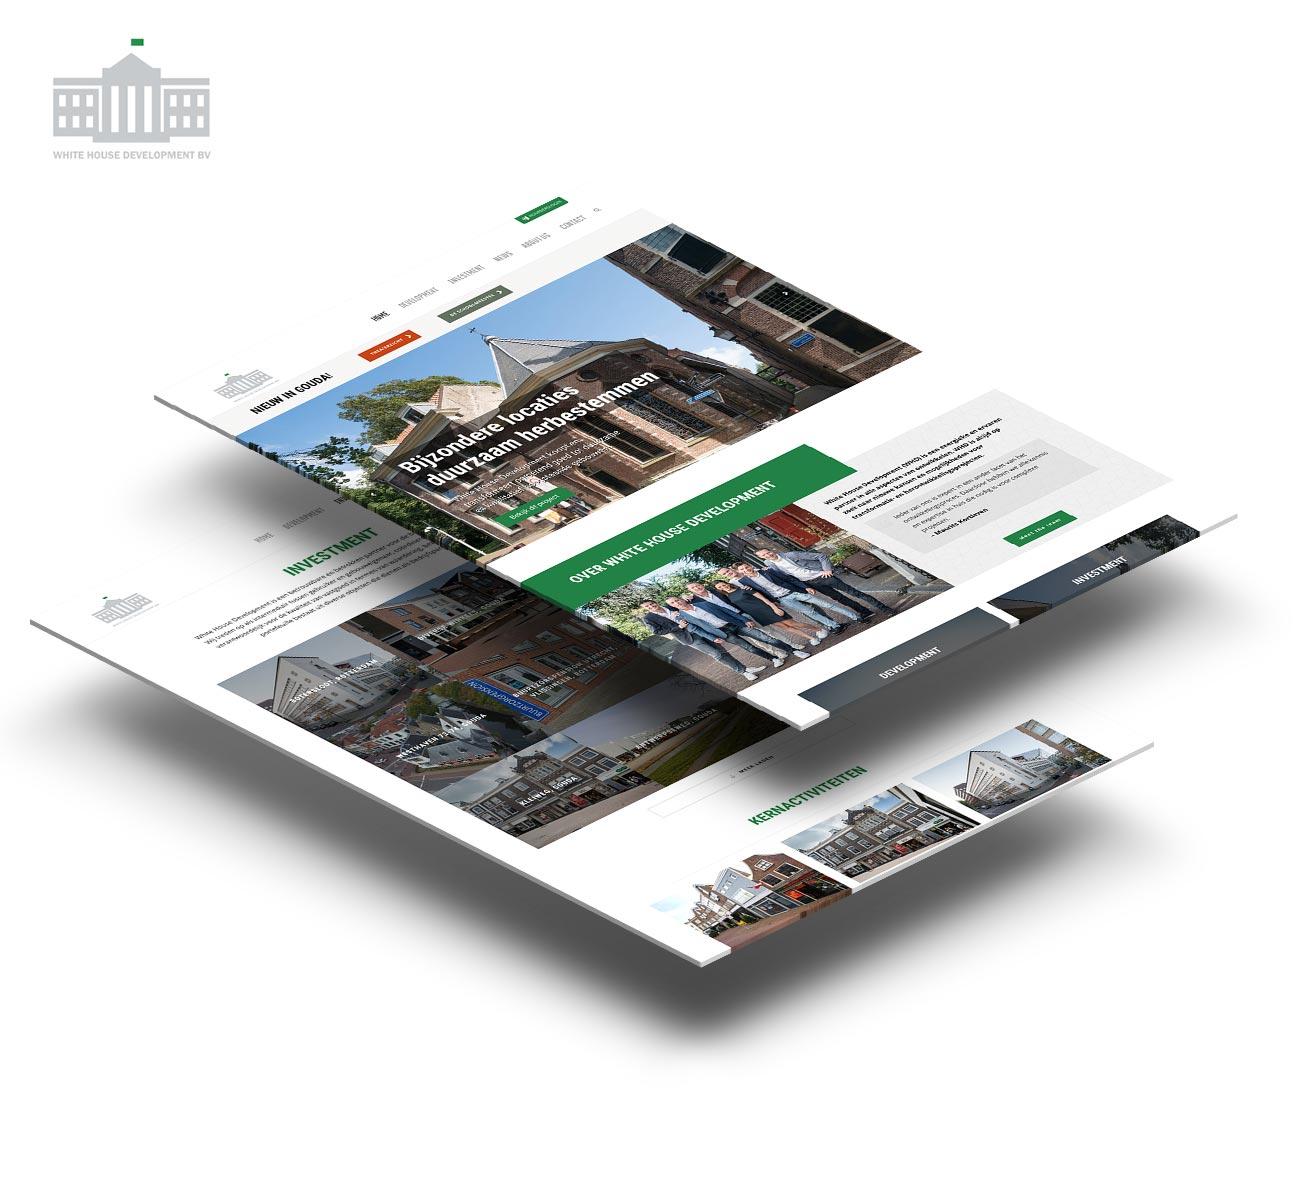 White house development website